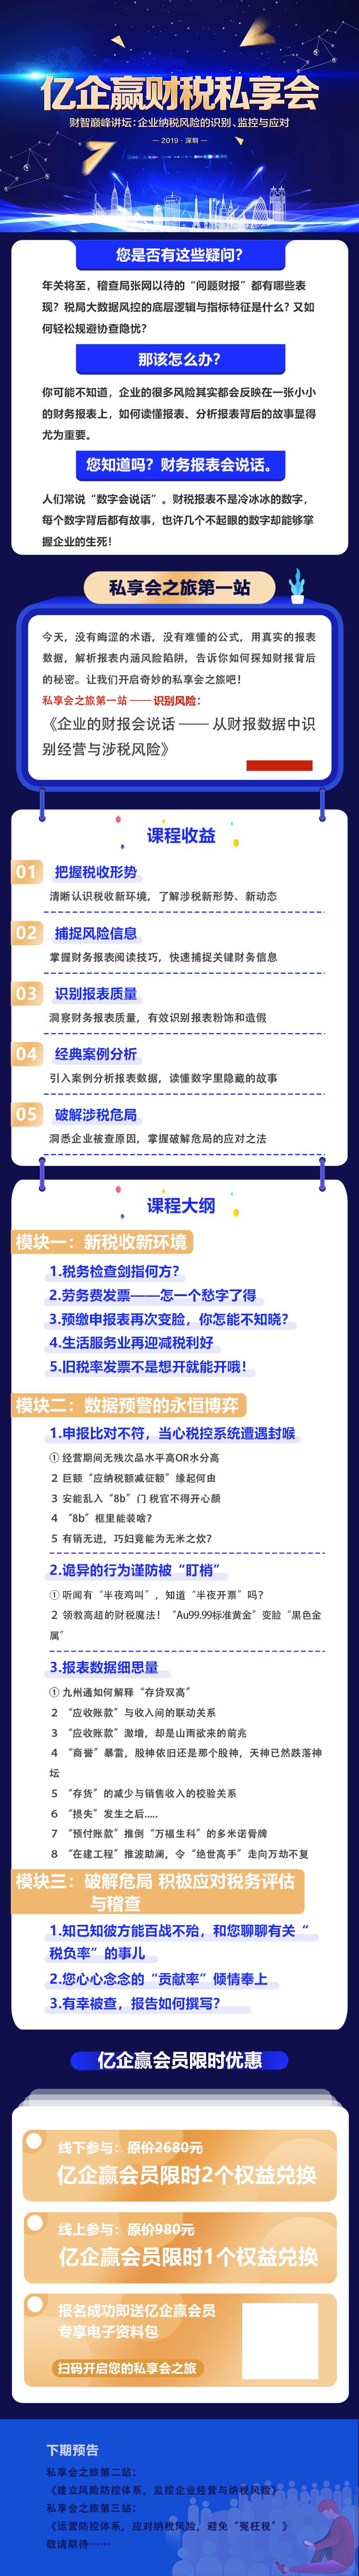 私享会第一站-长图-alex(1).png